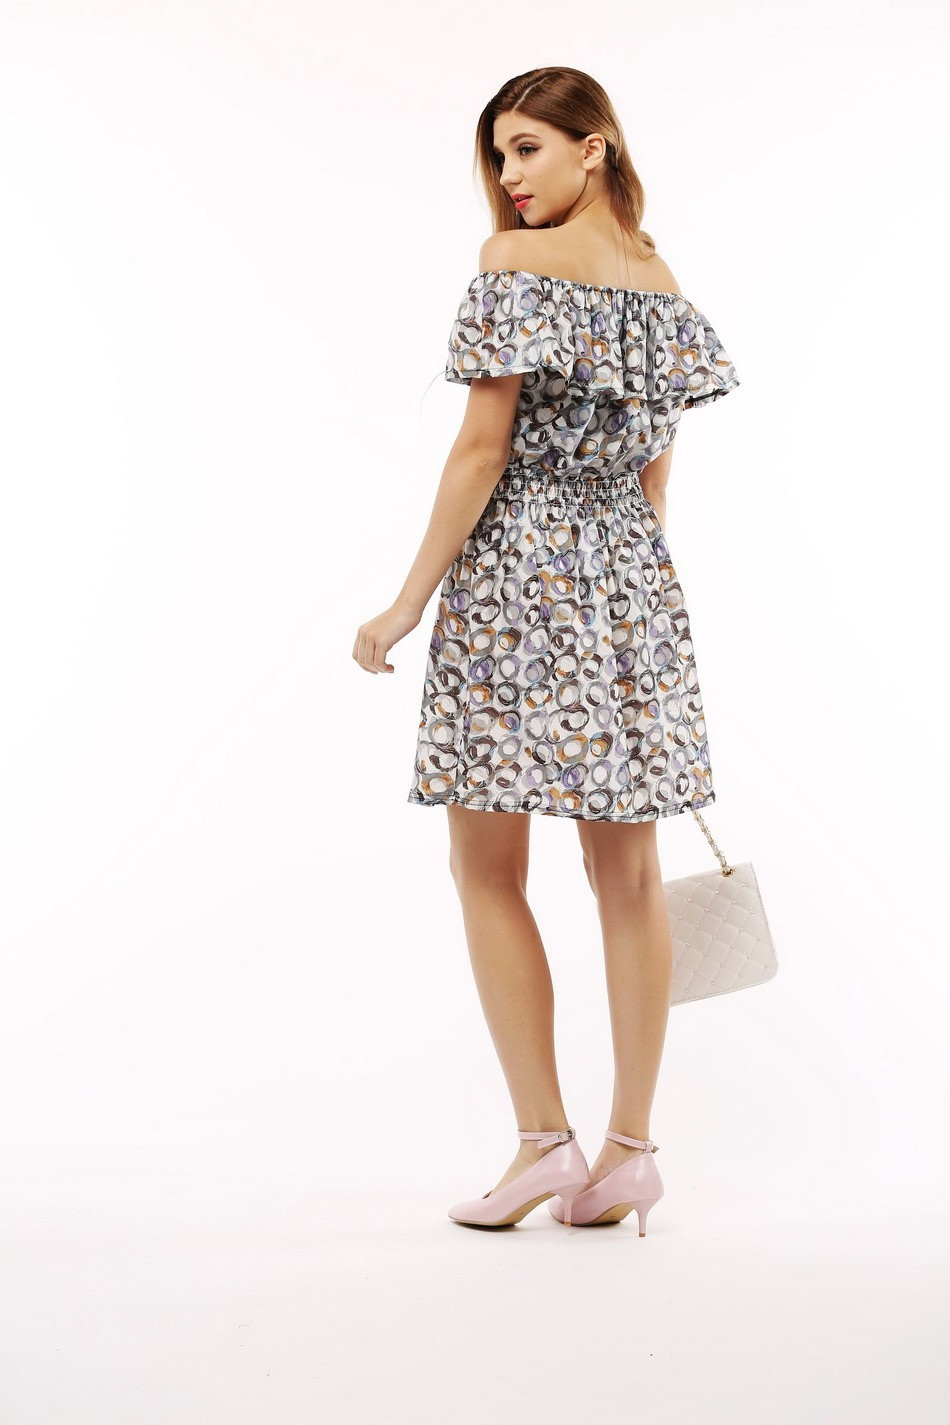 2017 fashion nowa wiosna lato plus size odzież kobiet floral print wzór sukienki na co dzień vestidos wc0472 10